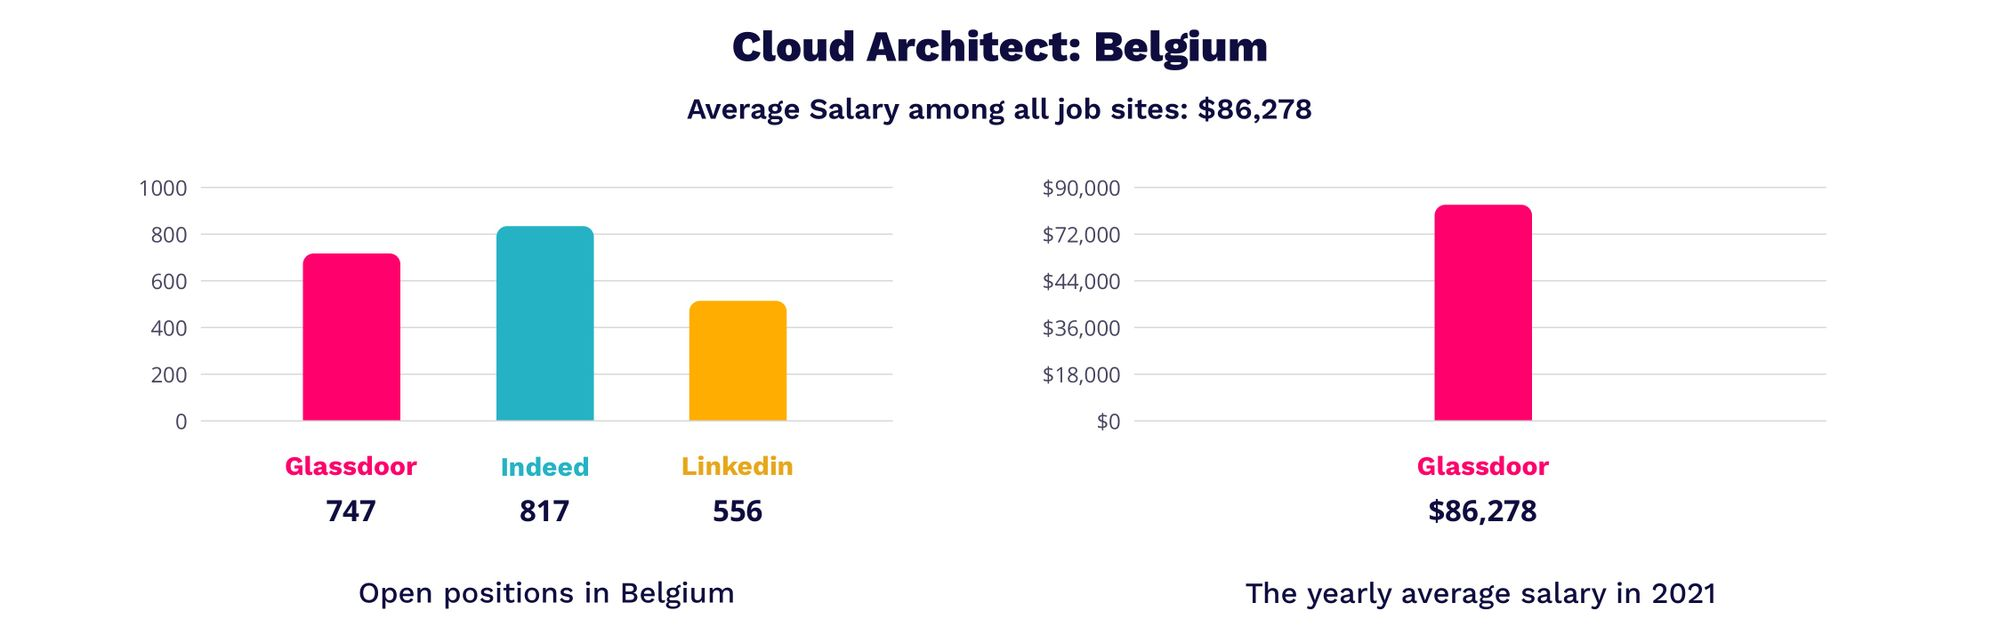 cloud architect salary in Belgium